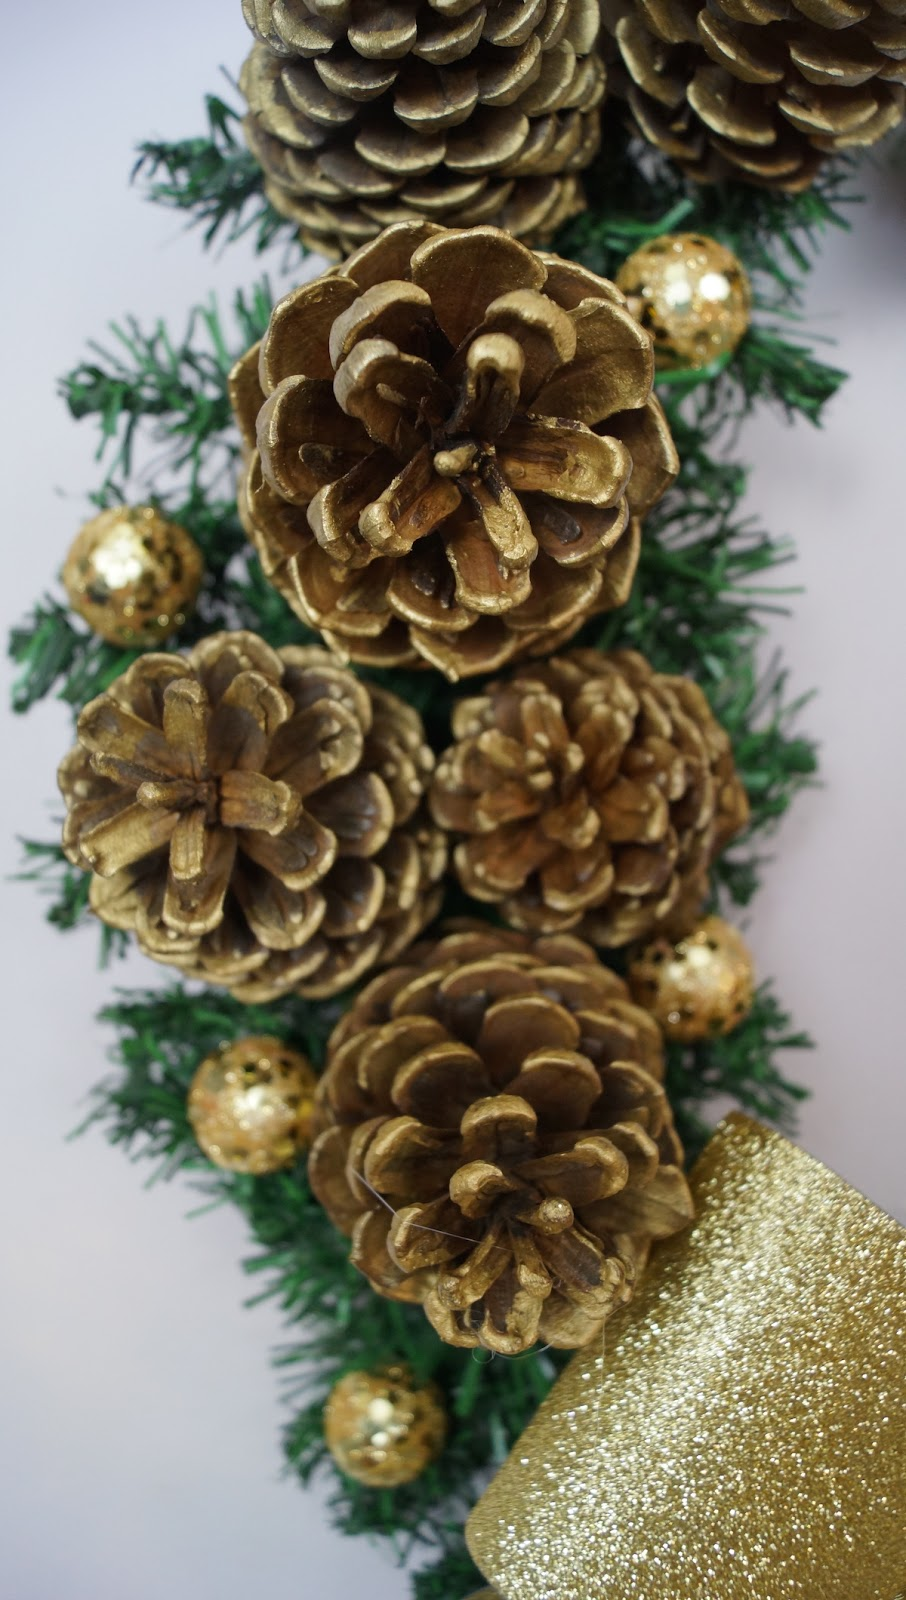 Corona navide a de pi as pinos conos diy mi cocina - Como hacer centros de navidad con pinas ...